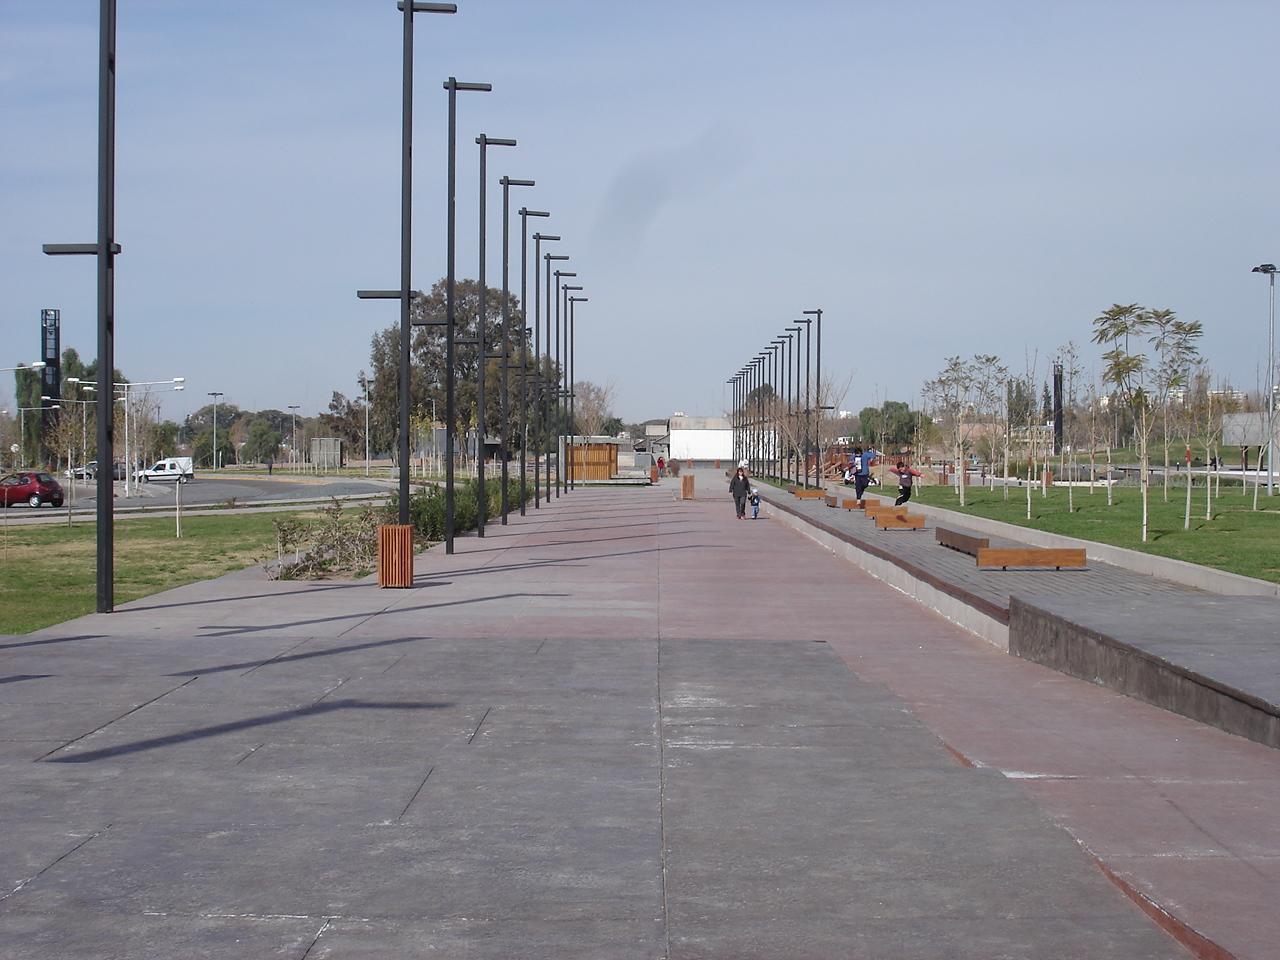 Parque central de Mendoza